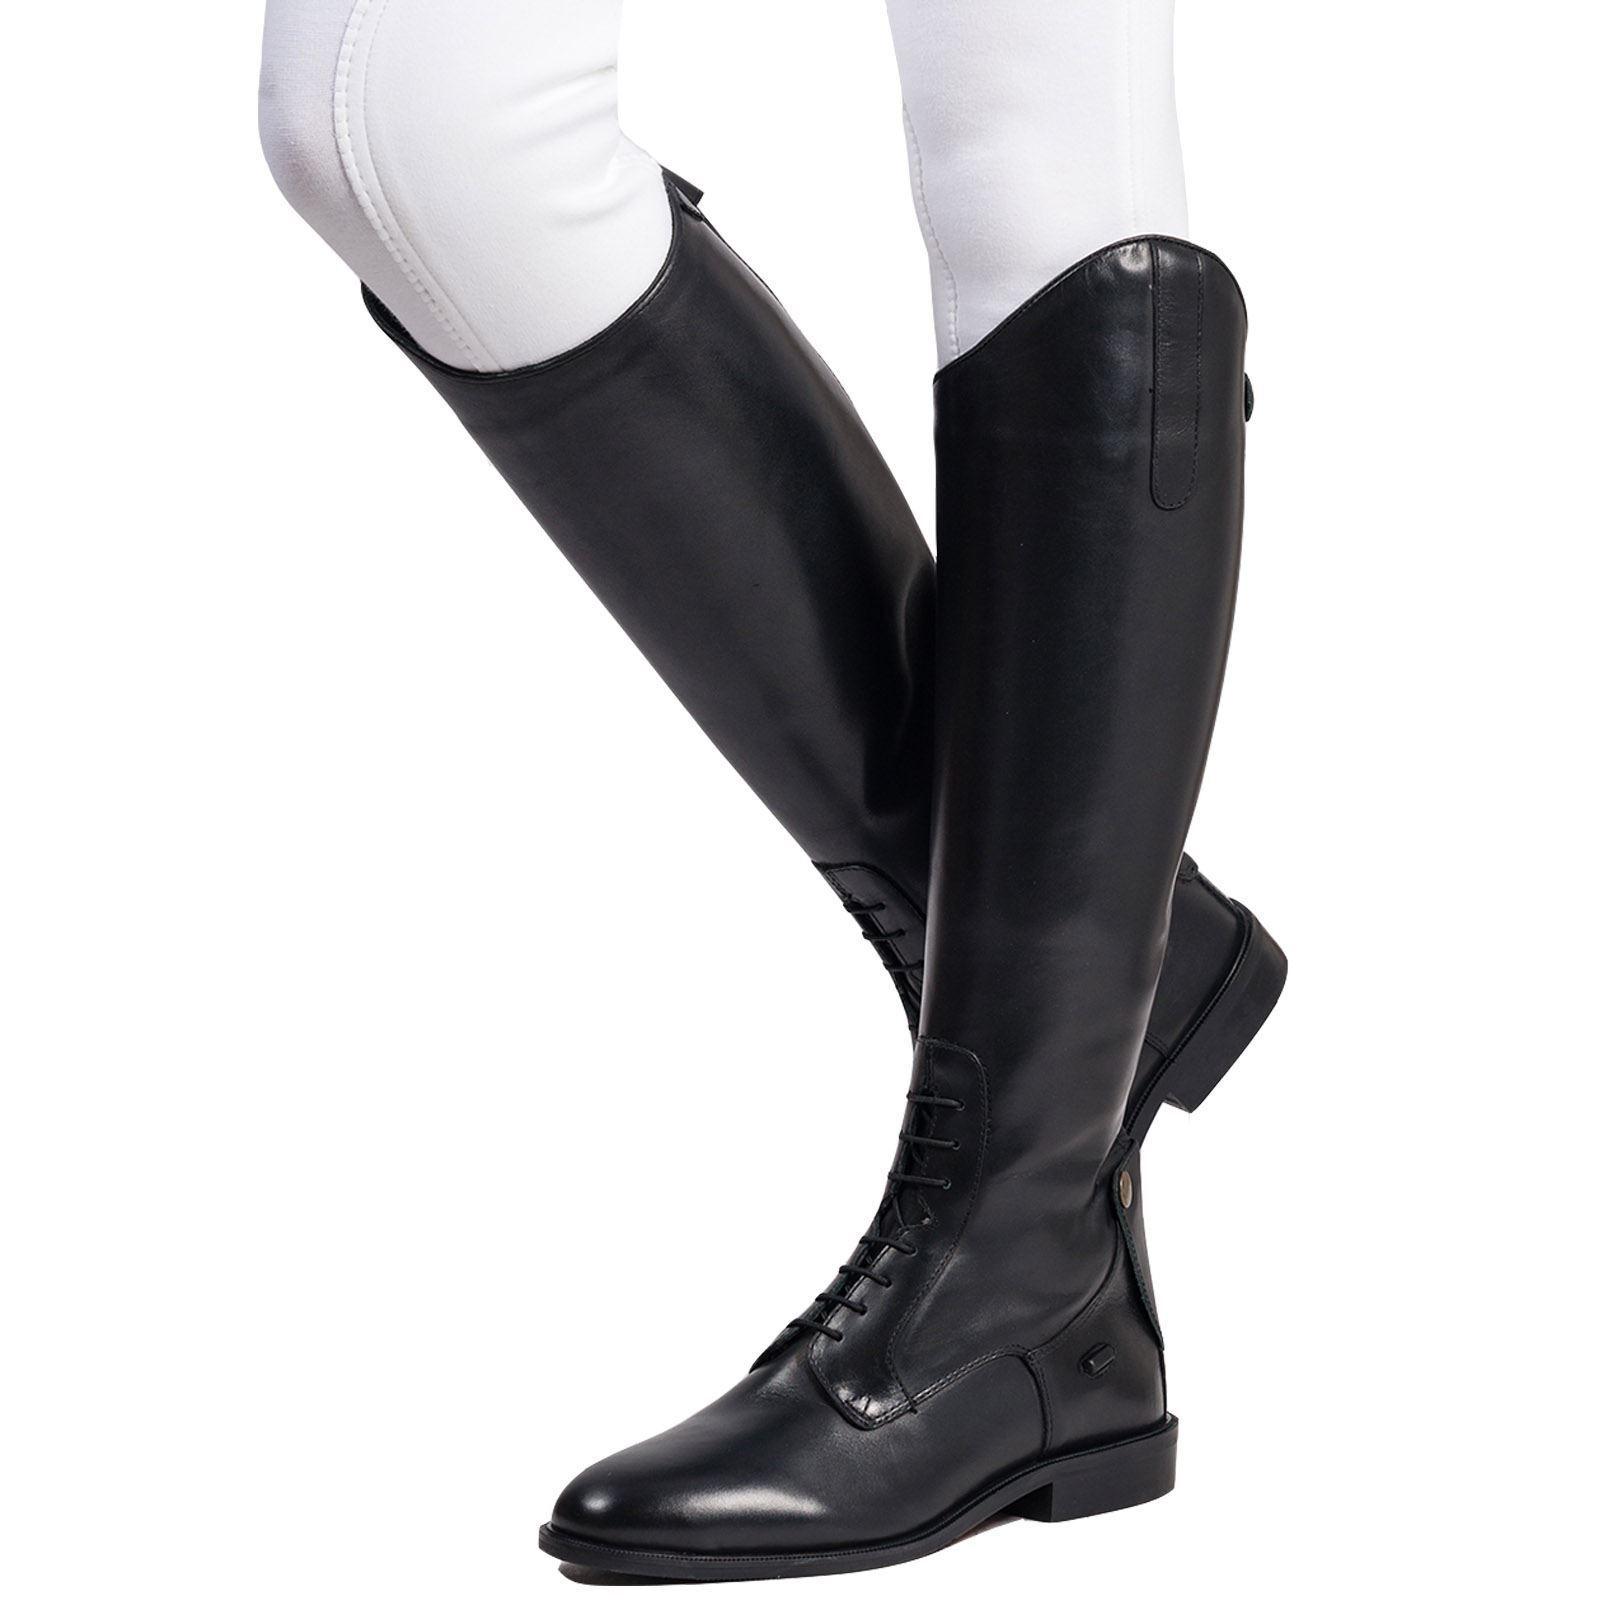 B&A Belmont Stivali-Donna Alti Equitazione Concorso Equestre Camicie Da Campo &